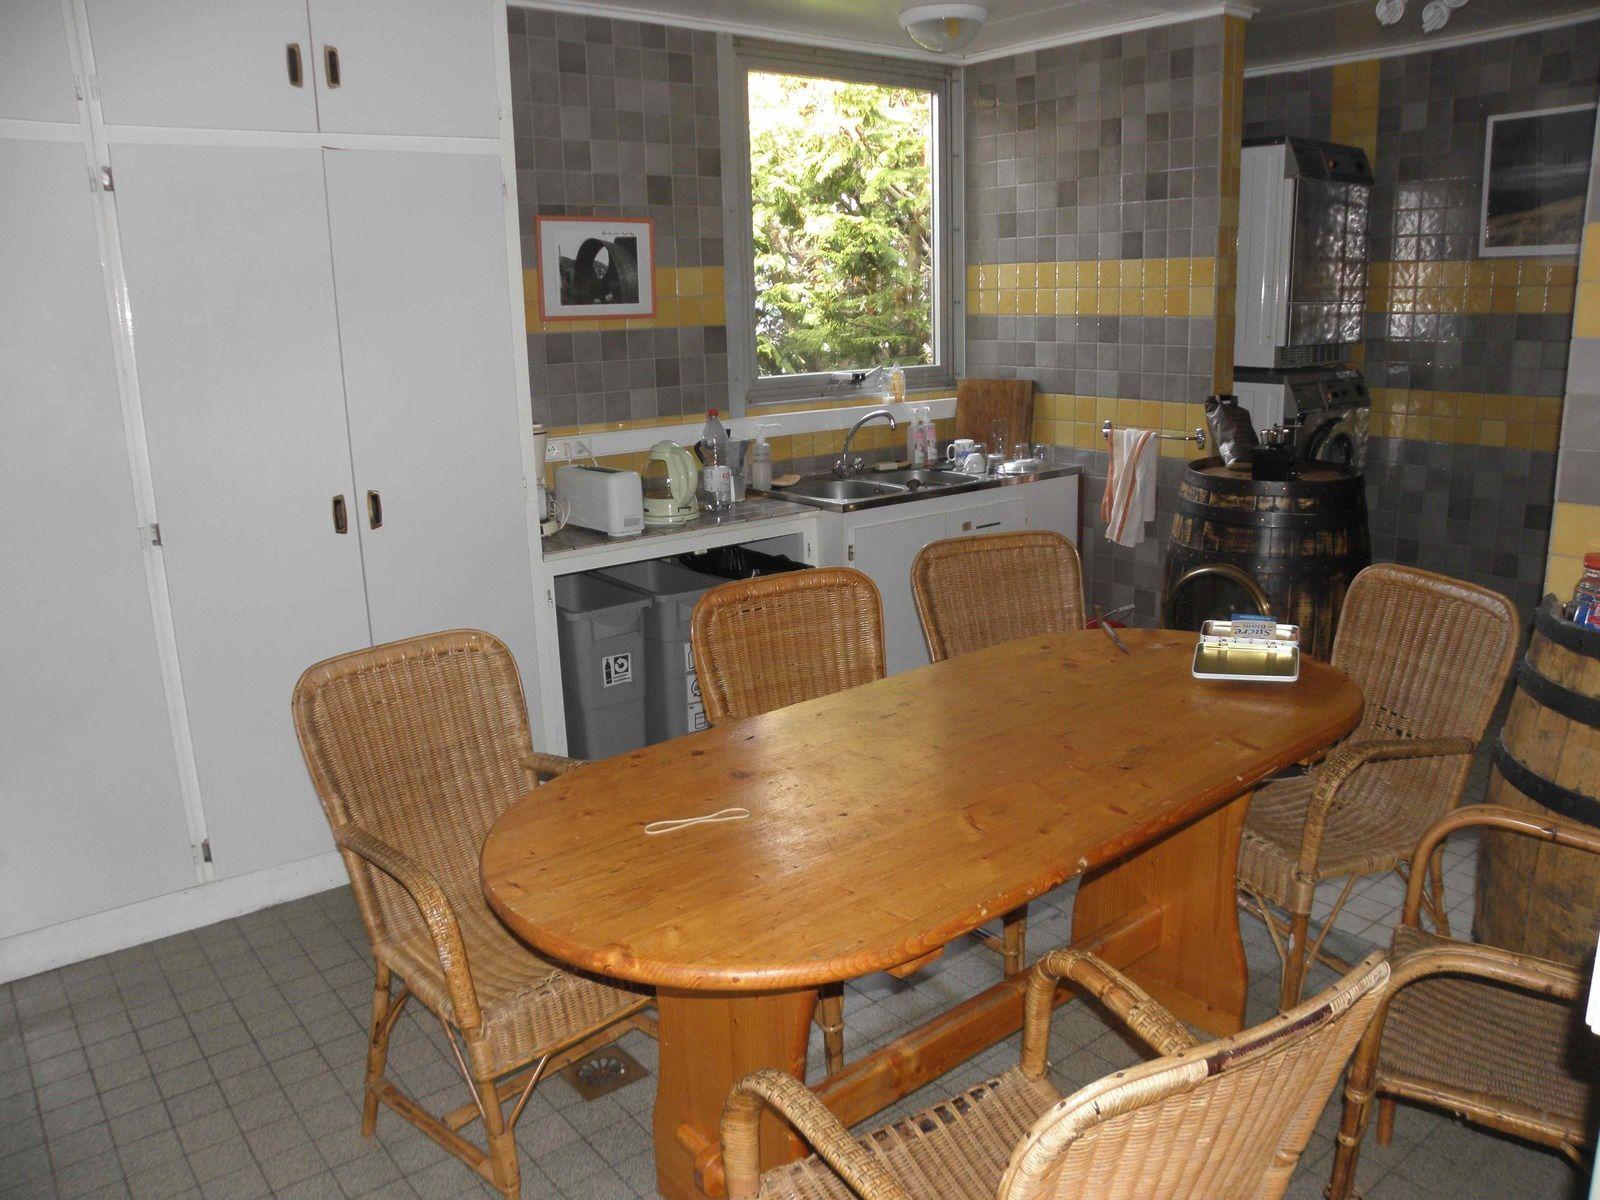 l 39 hopital du grand sud 3 samuker 64. Black Bedroom Furniture Sets. Home Design Ideas